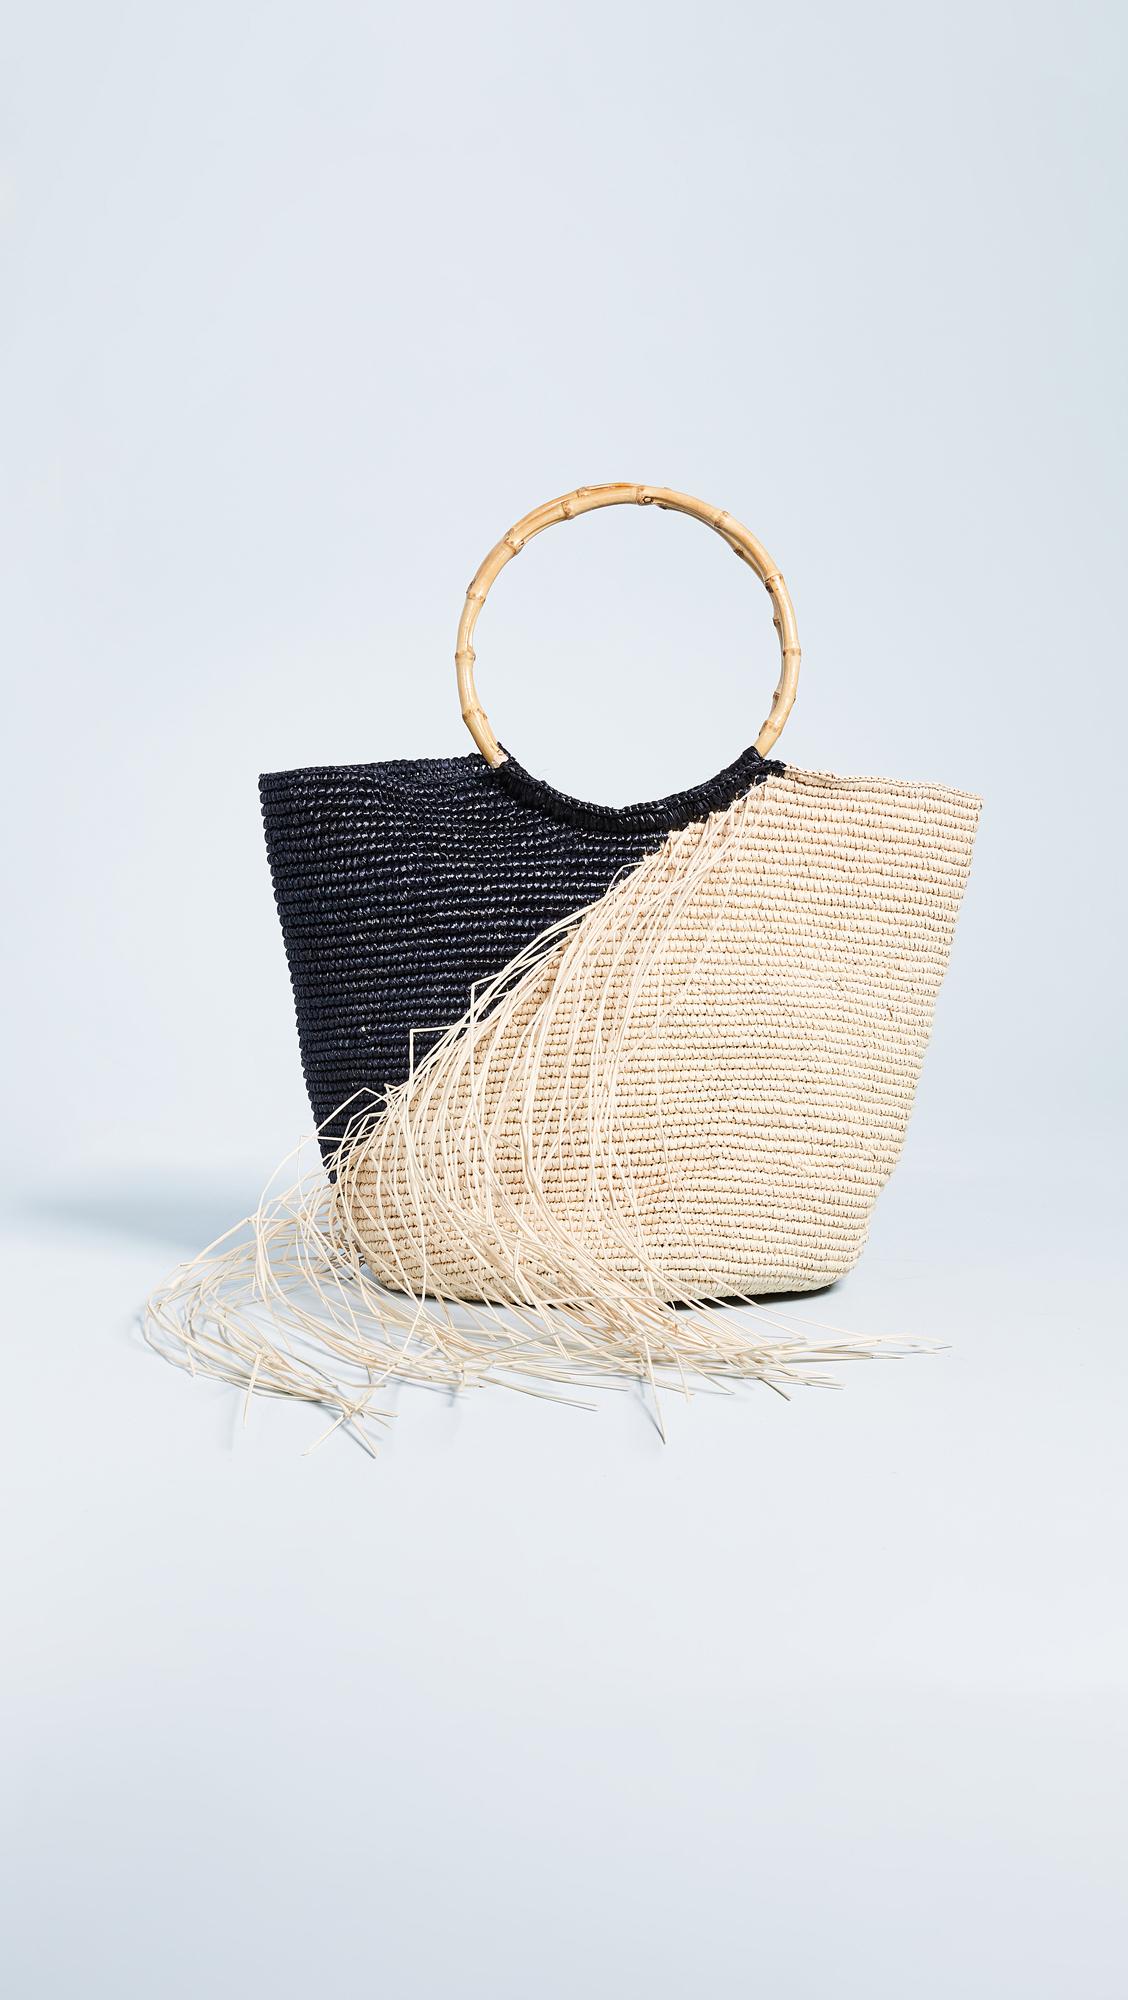 e51d523268fe3 Sensi Studio Maxi Frayed Tote Bag